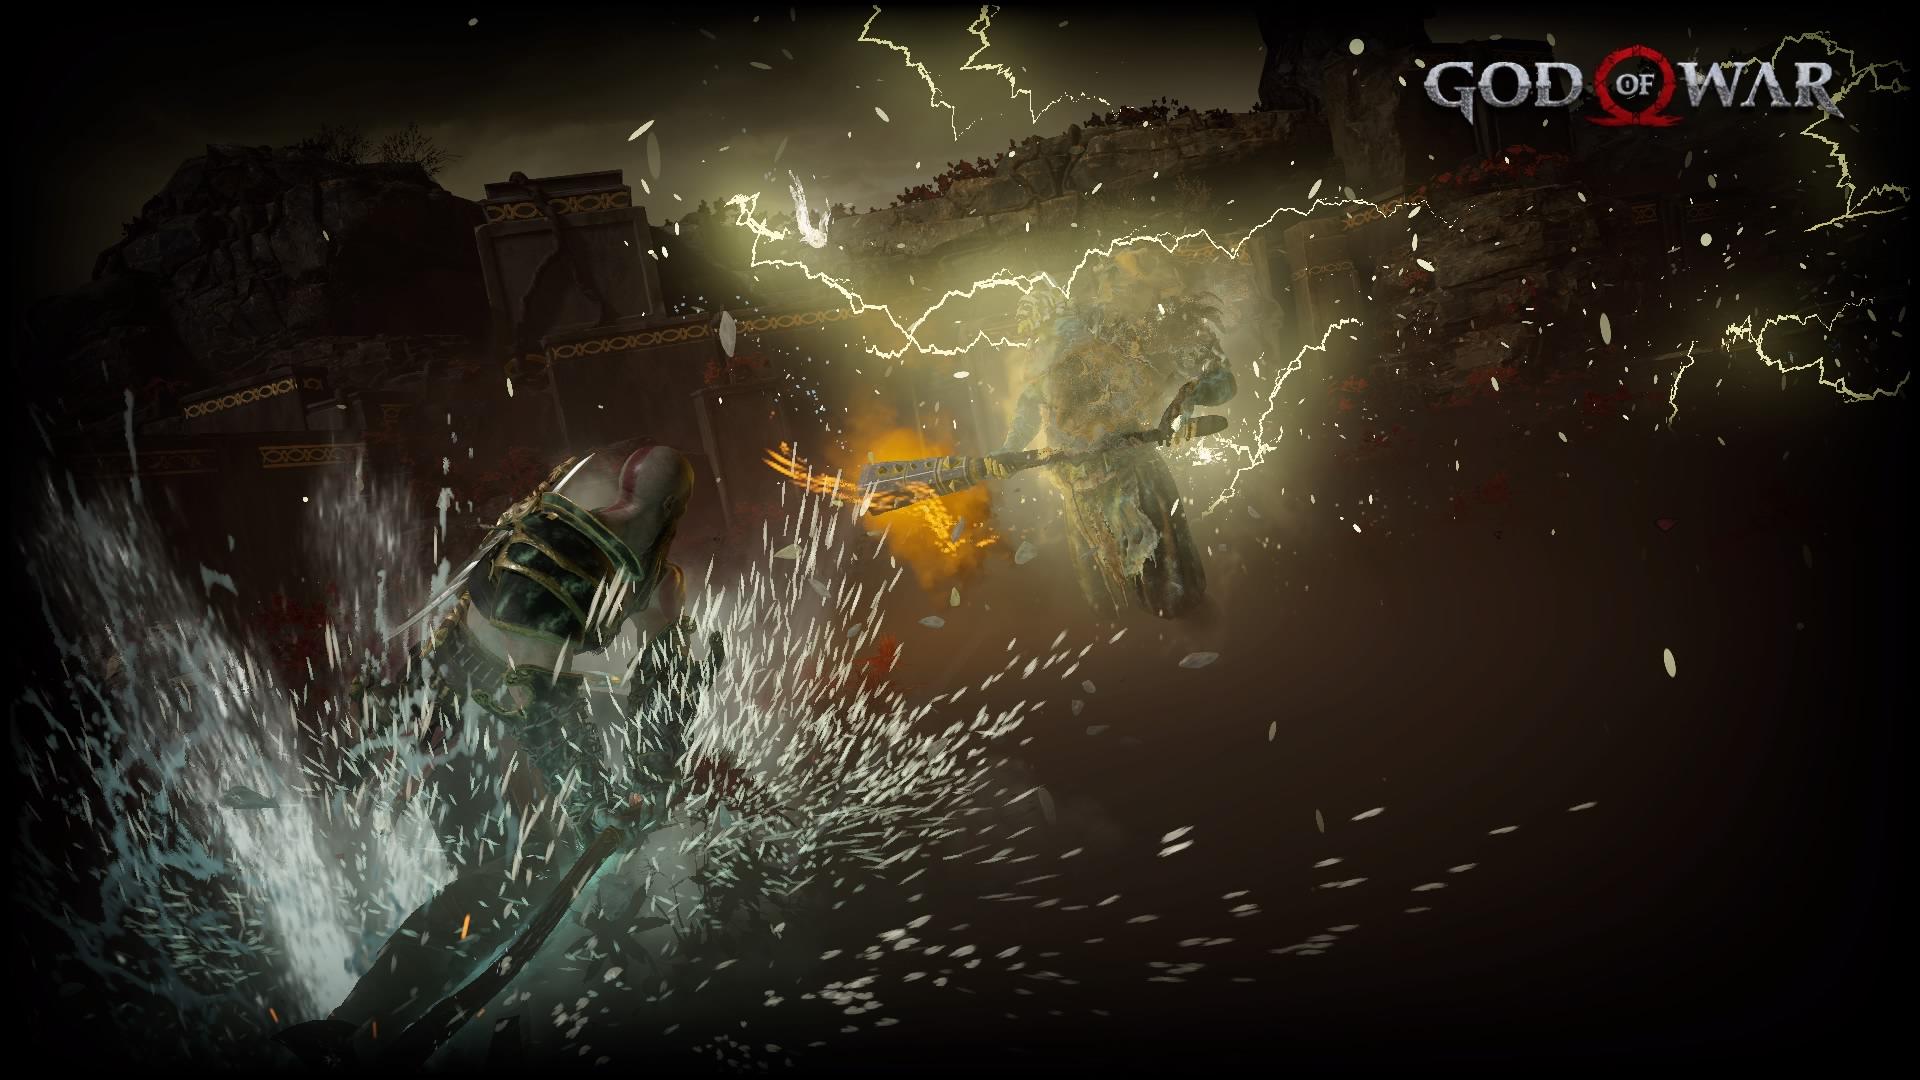 God of War - Screenshot - Leviathan Axe 2.jpg